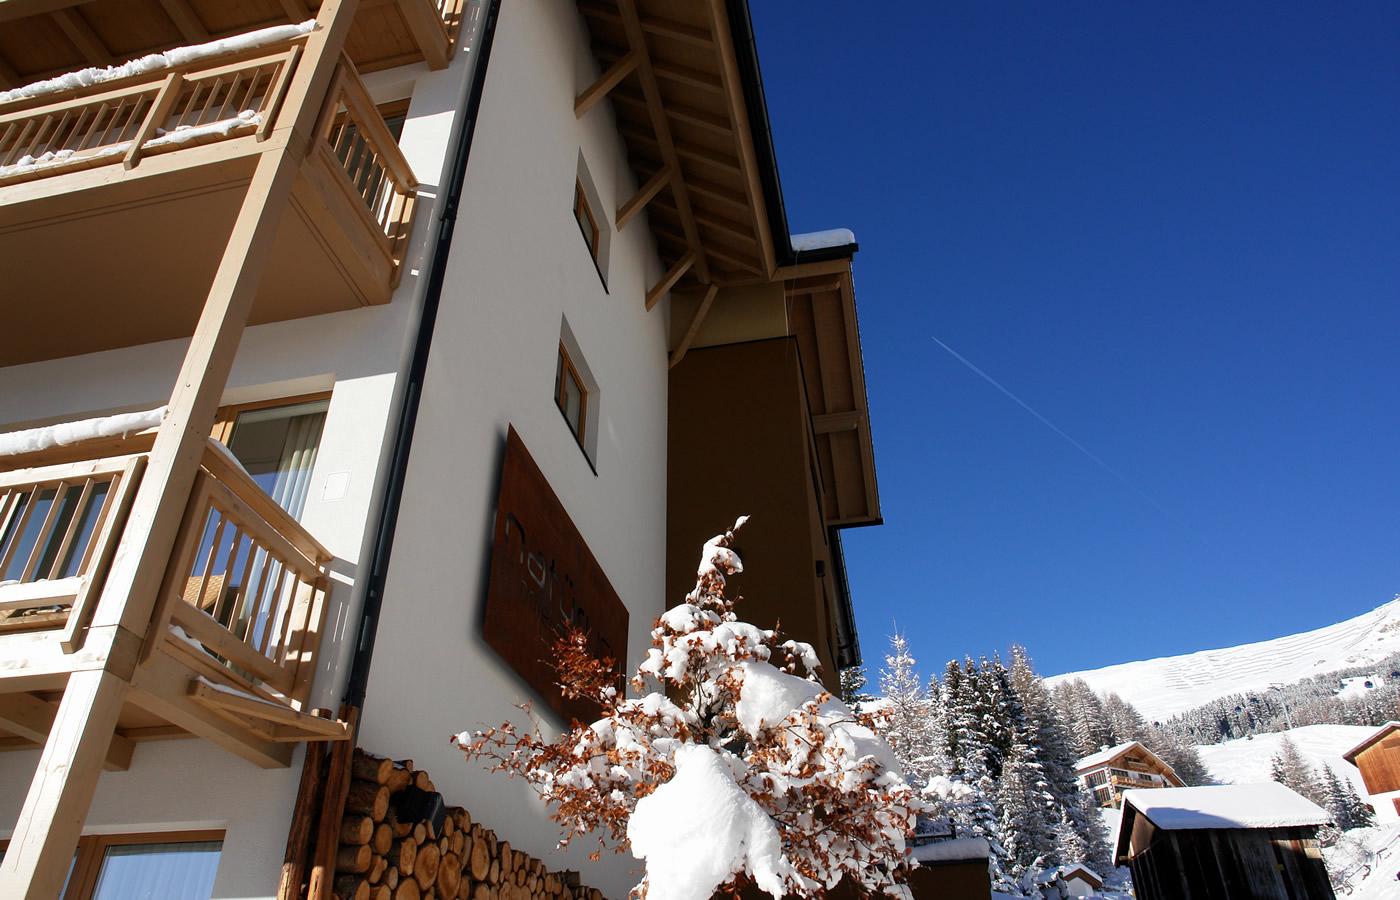 Nordansicht des Hotels im Winter. pistennähe.